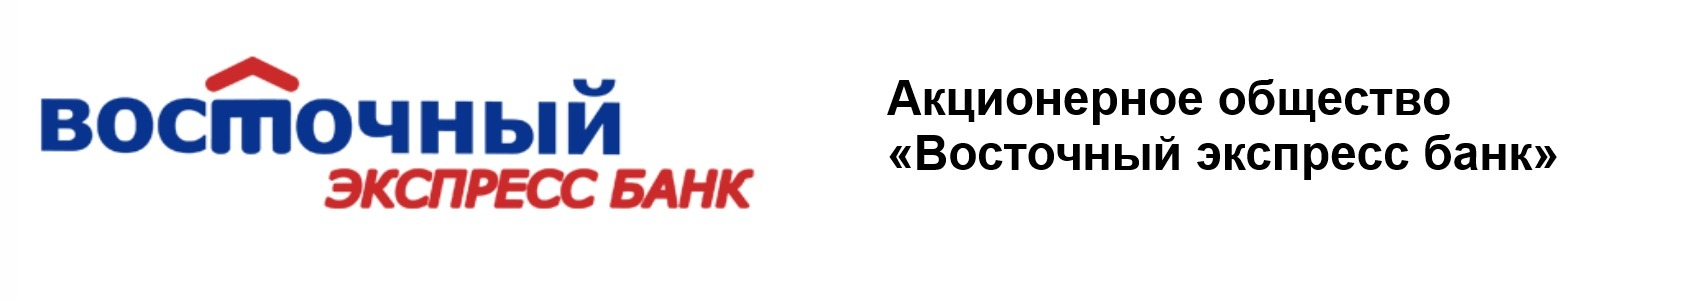 Агентство Кредит Экспресс Друзья, кому звонили